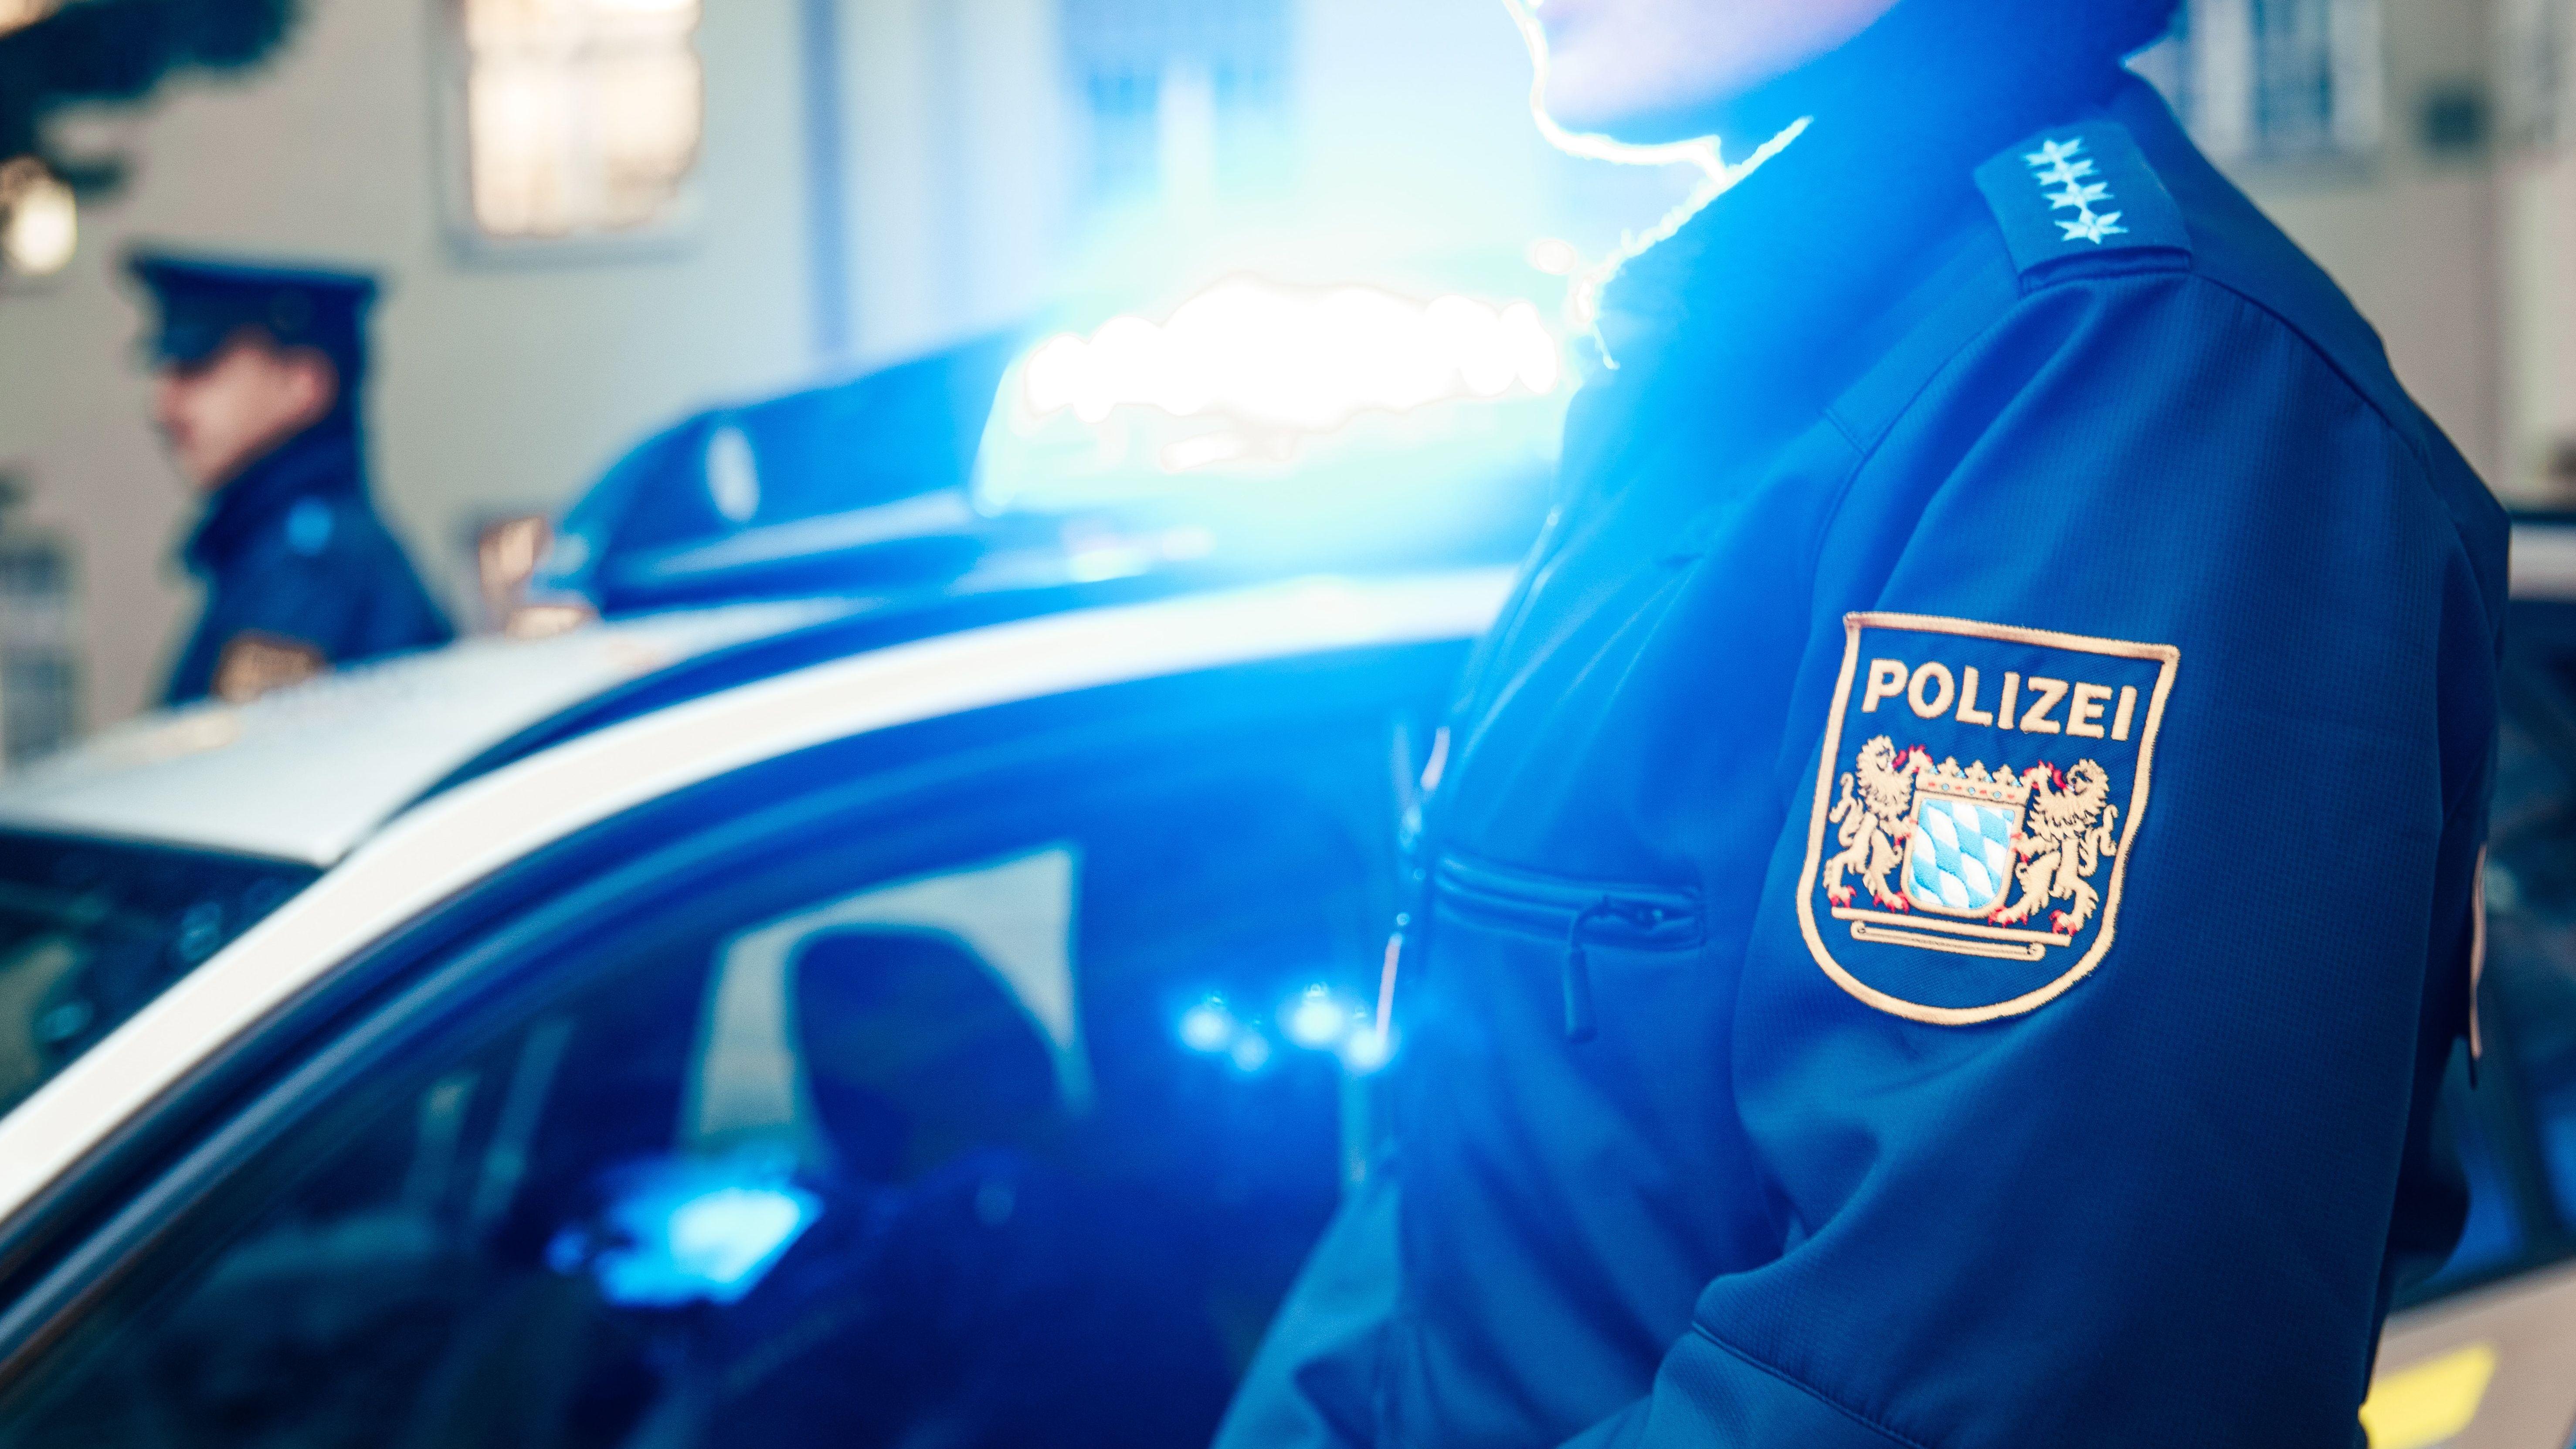 Polizeibeamter in Uniform vor Streifenwagen